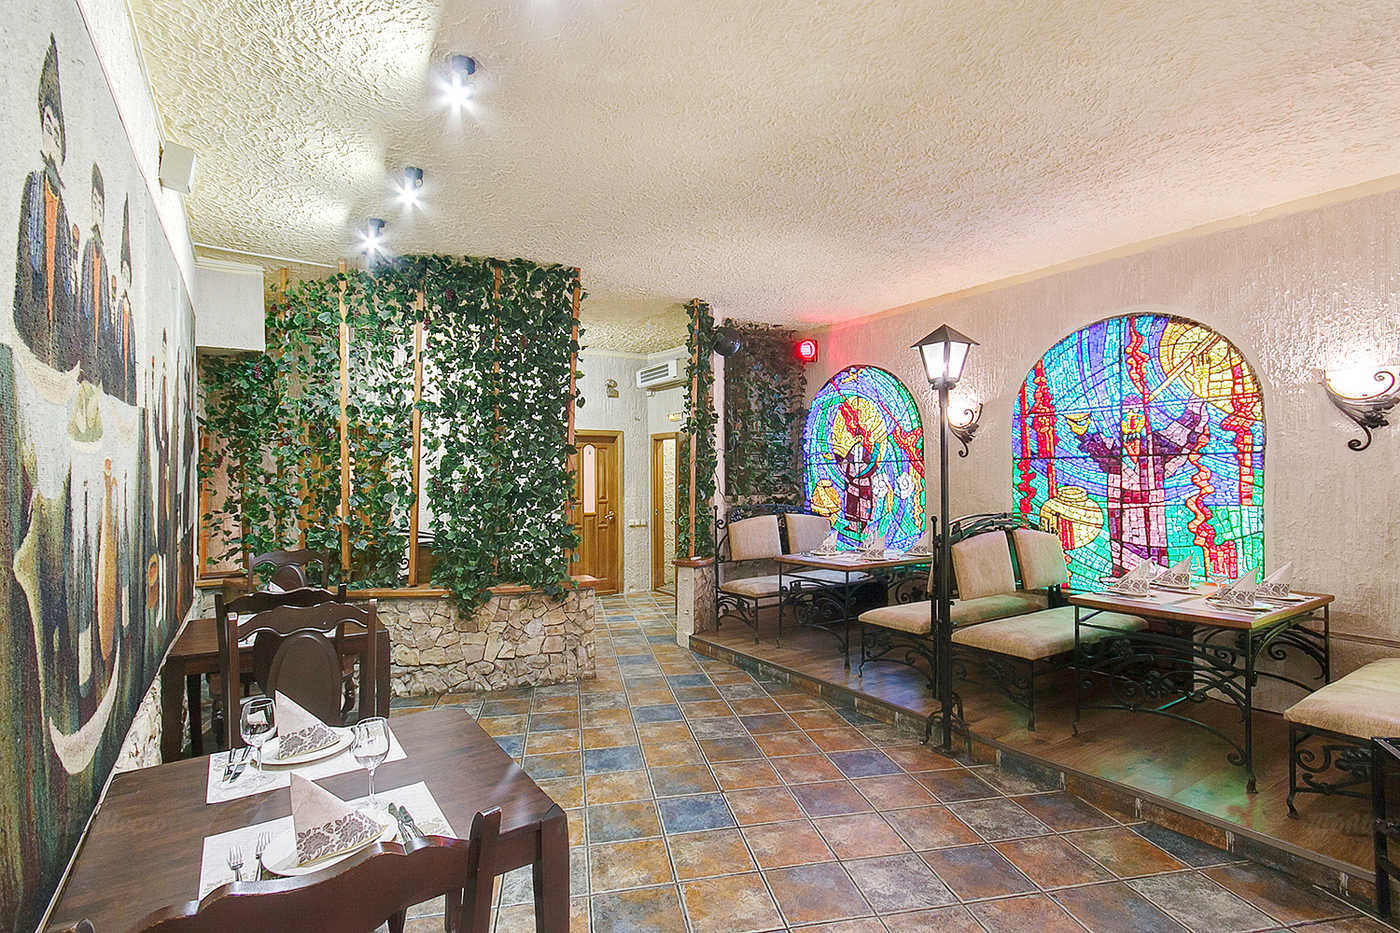 Меню бара, кафе, ресторана Пиросмани на Большом проспекте П.С.